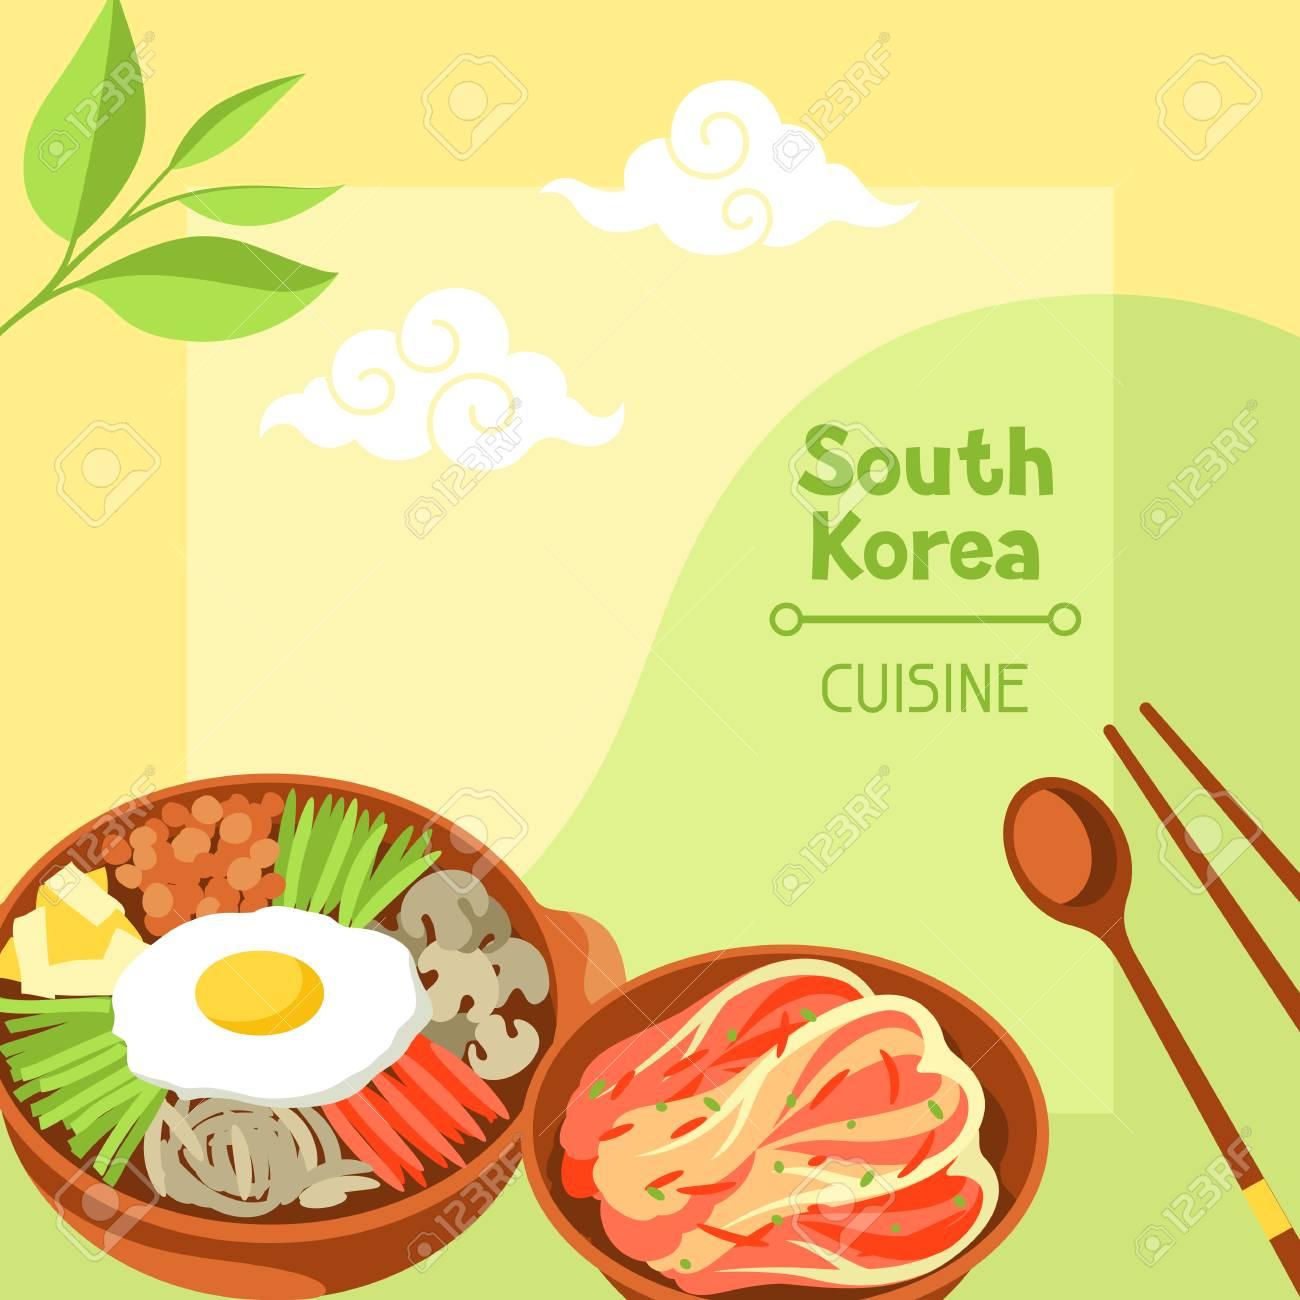 Cucina della Corea del Sud Design bandiera coreana con simboli e oggetti  tradizionali.